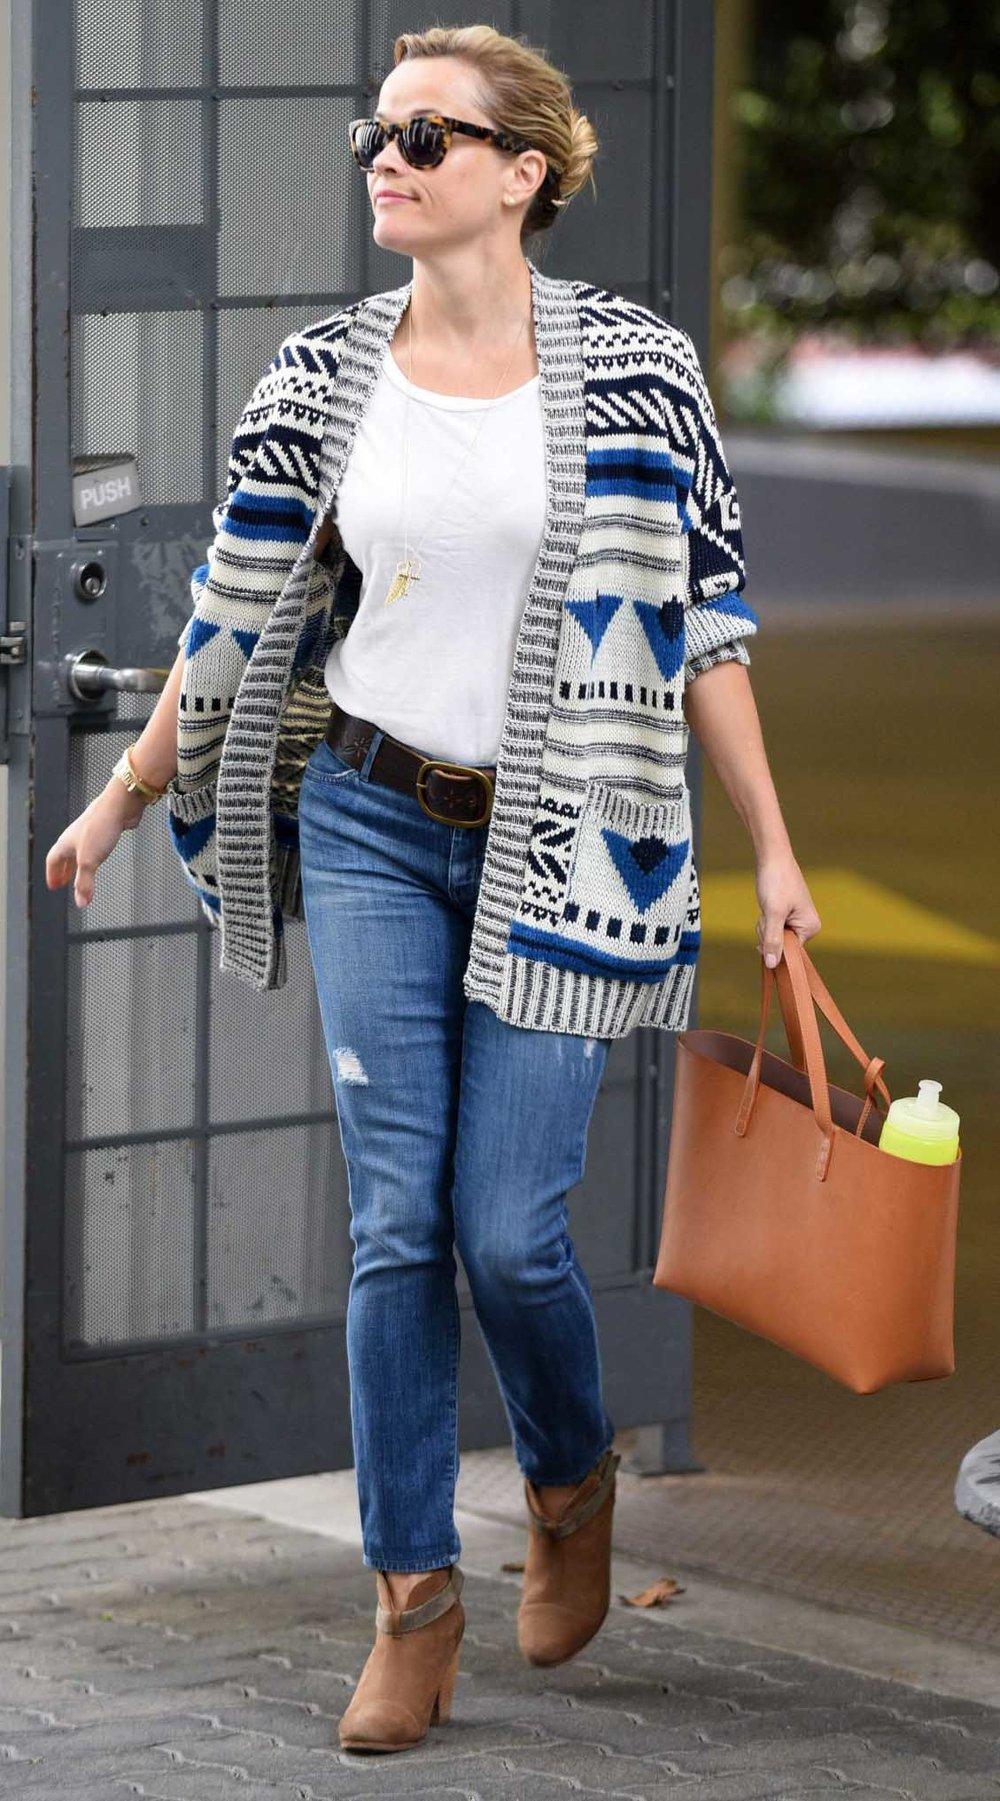 blue-med-skinny-jeans-white-tee-blue-med-cardigan-print-belt-cognac-shoe-booties-sun-cognac-bag-tote-reesewitherspoon-howtowear-style-fall-winter-blonde-weekend.jpg